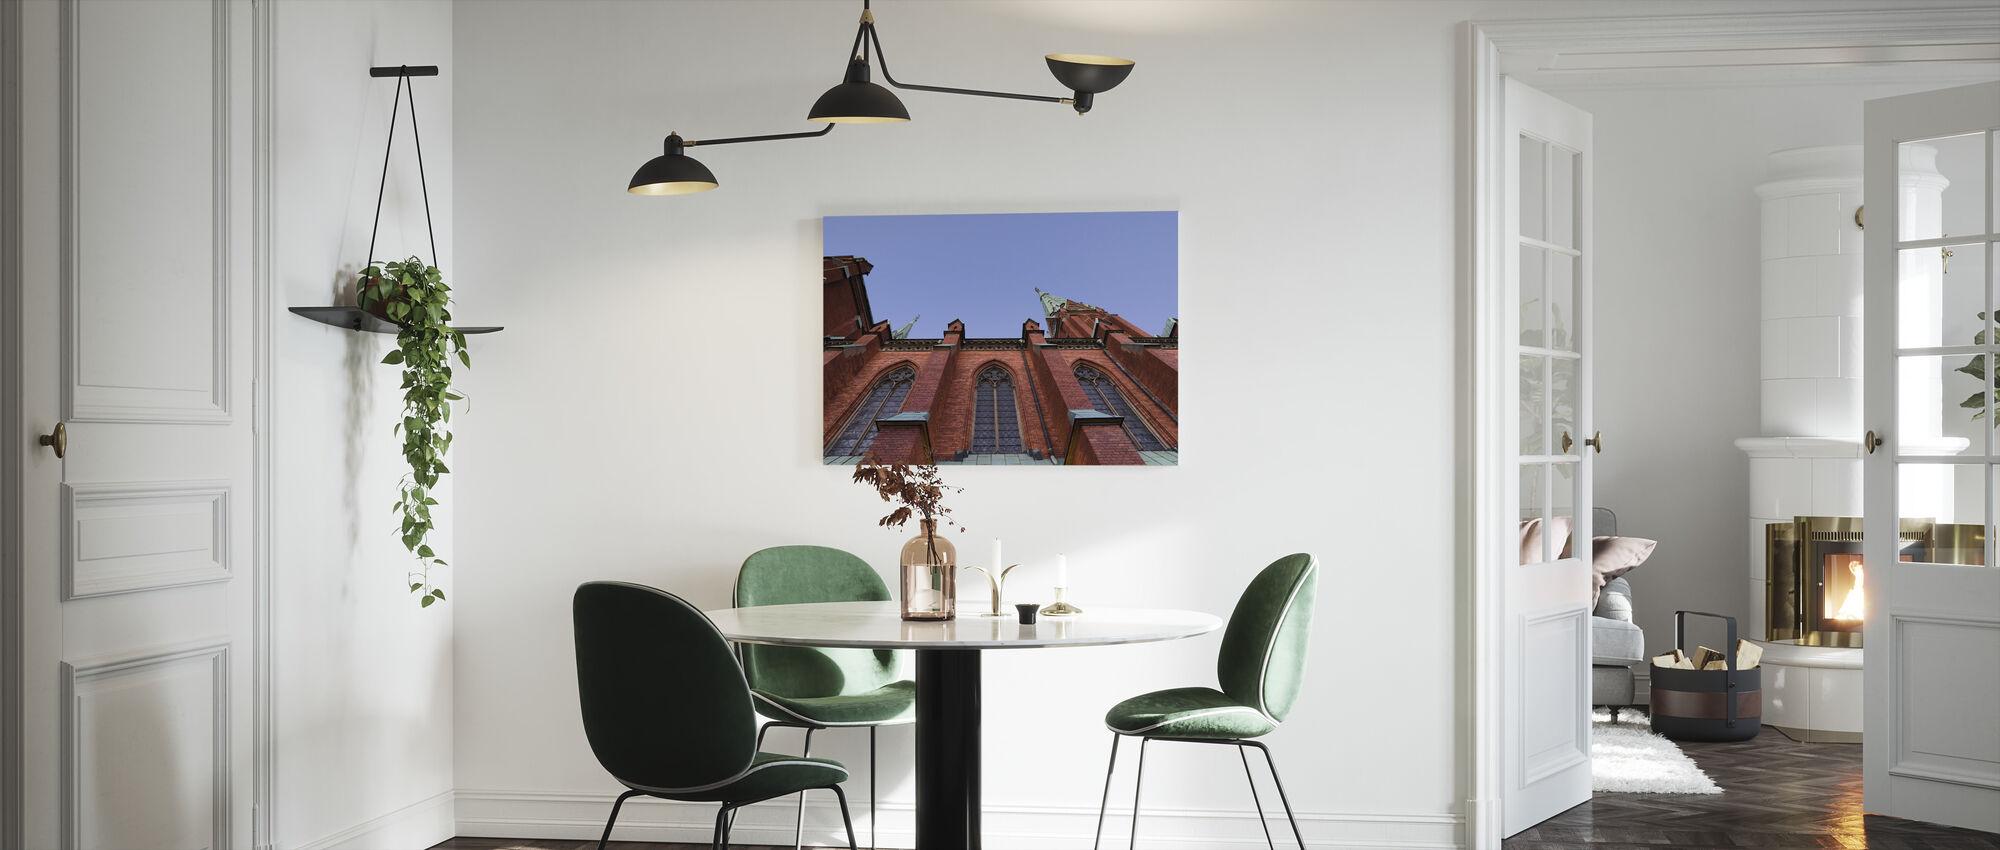 Architectural Details of Johannes Kyrka - Canvas print - Kitchen